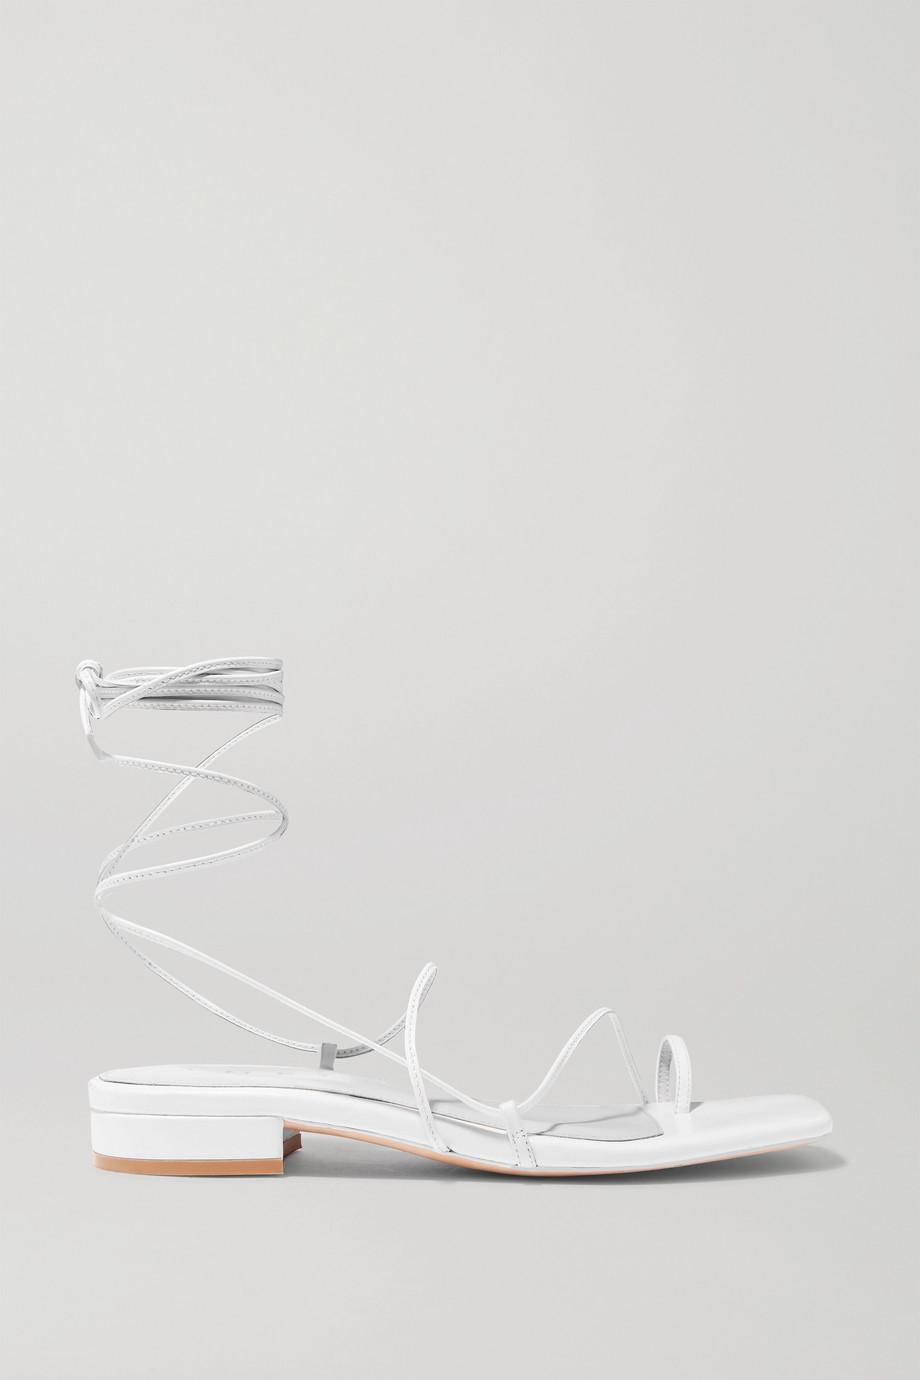 STUDIO AMELIA 1.1 皮革凉鞋